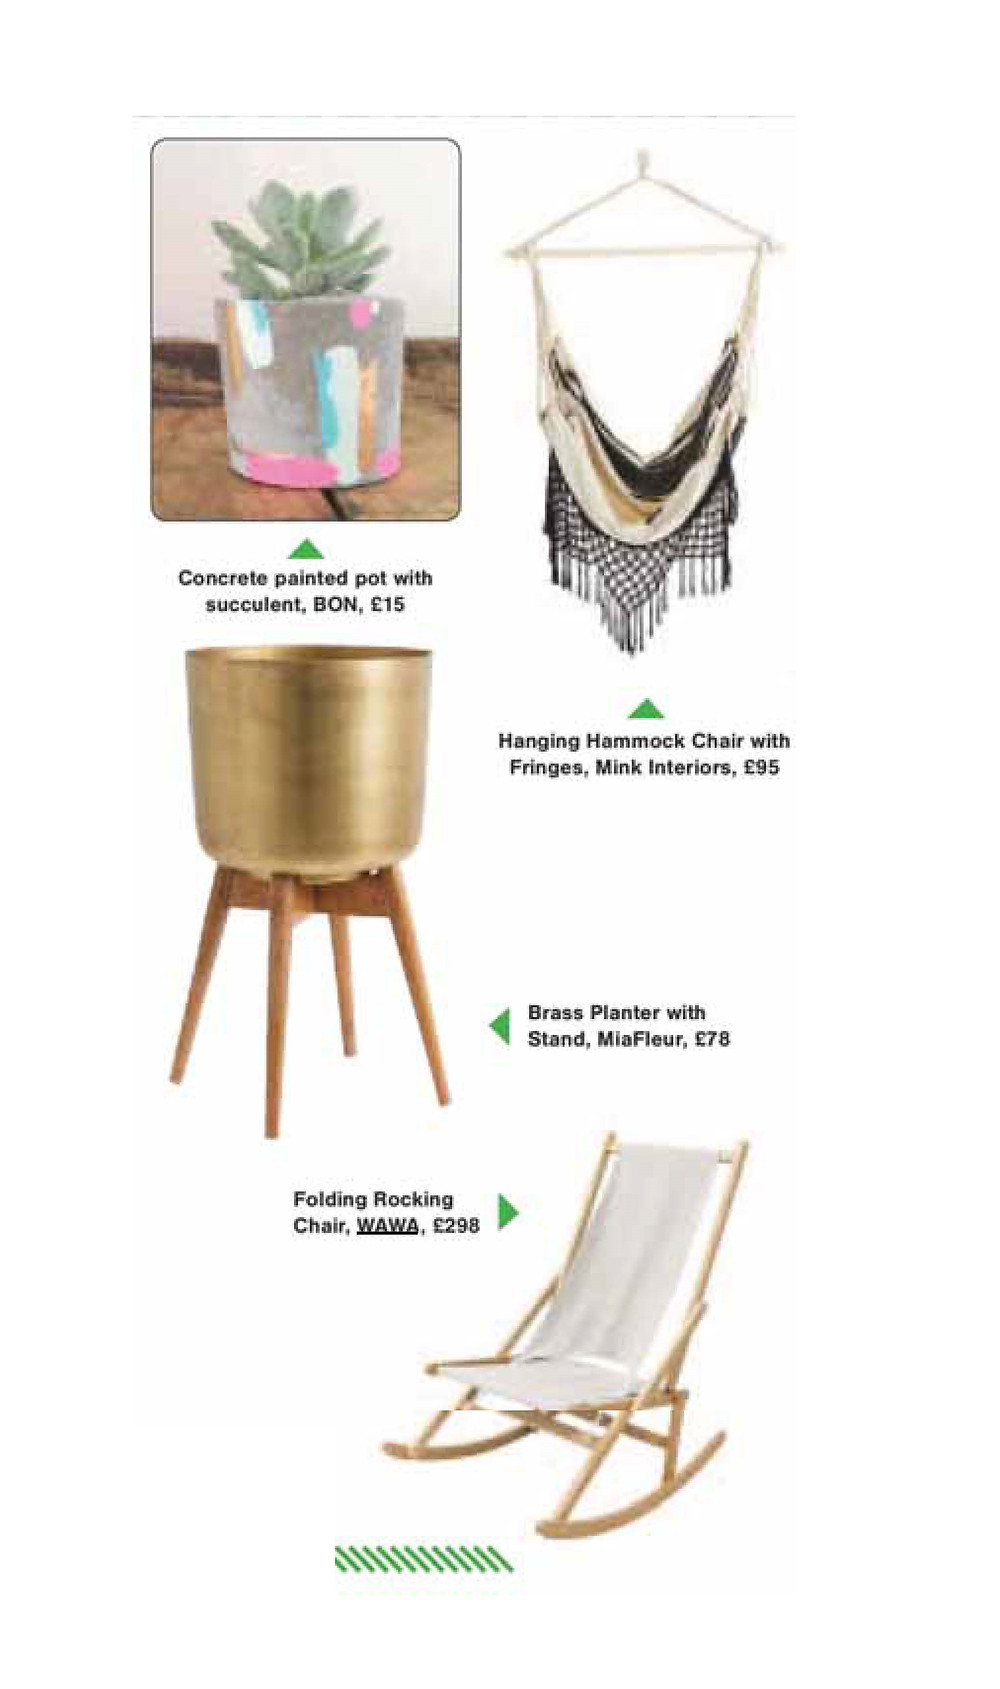 folding-rocking-chair-deckchair-outdoor-furniture-patio-furniture-summer-al-fresco relaxing-wawa-london-